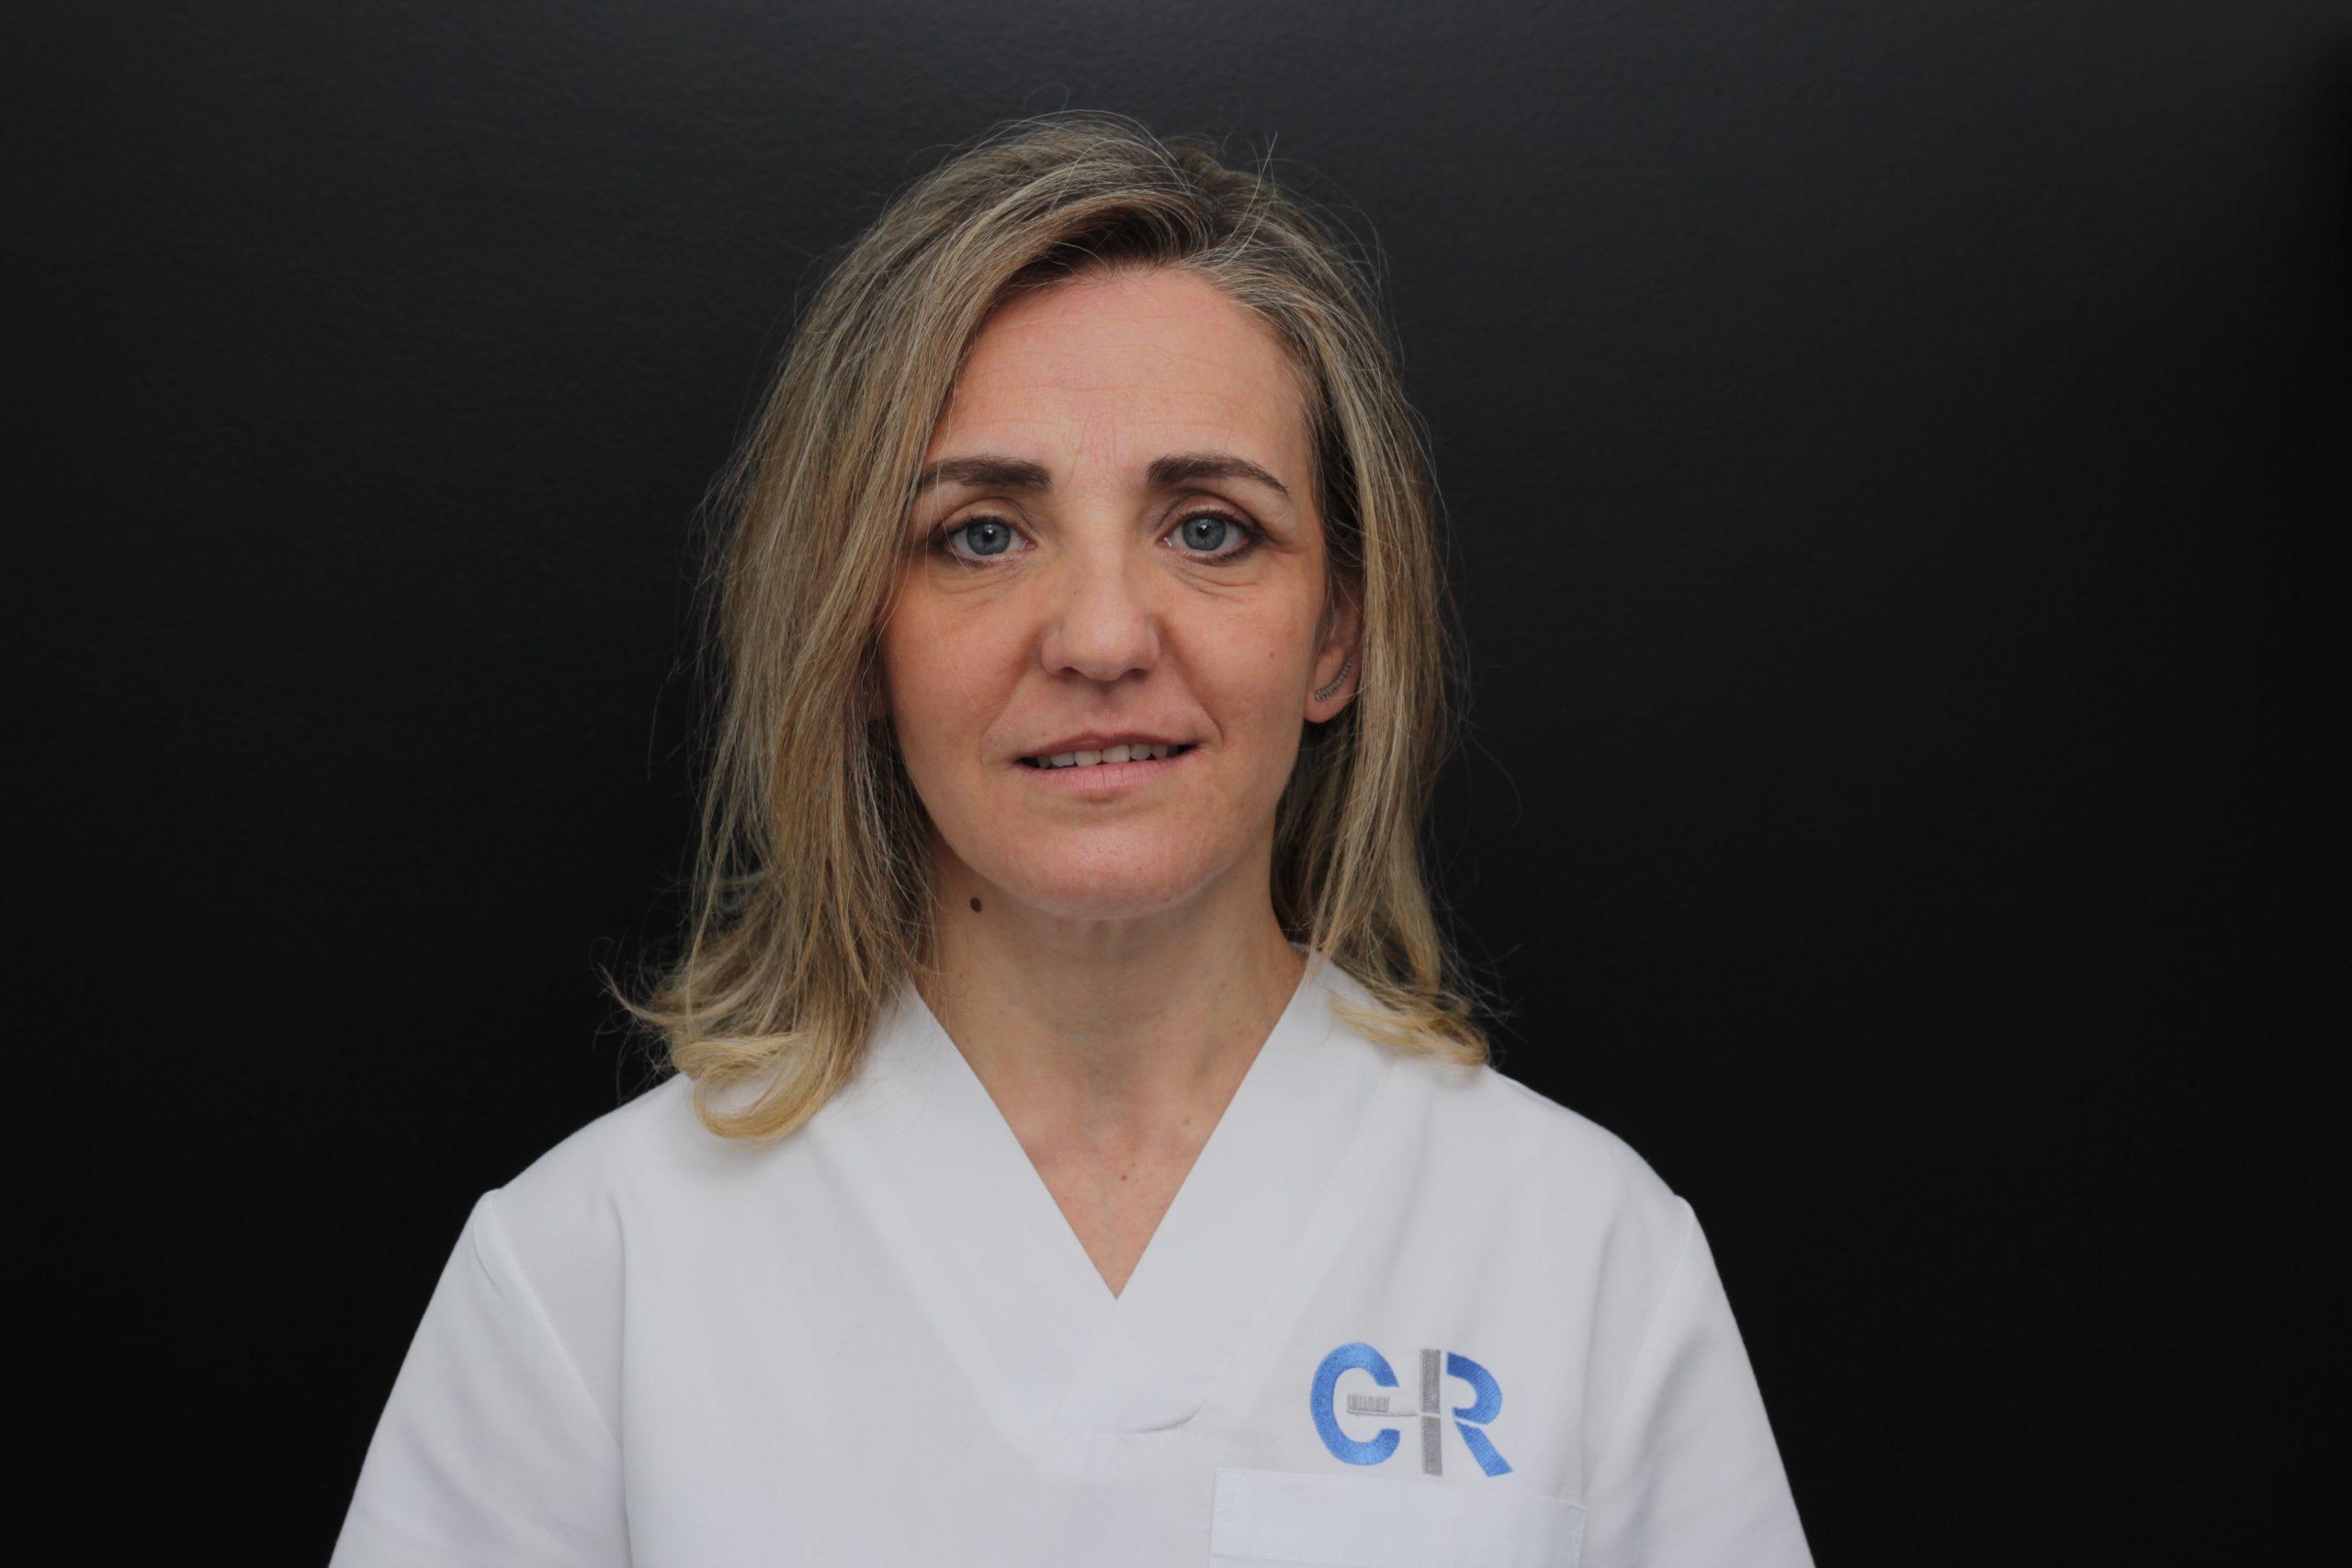 Cristina Brandon